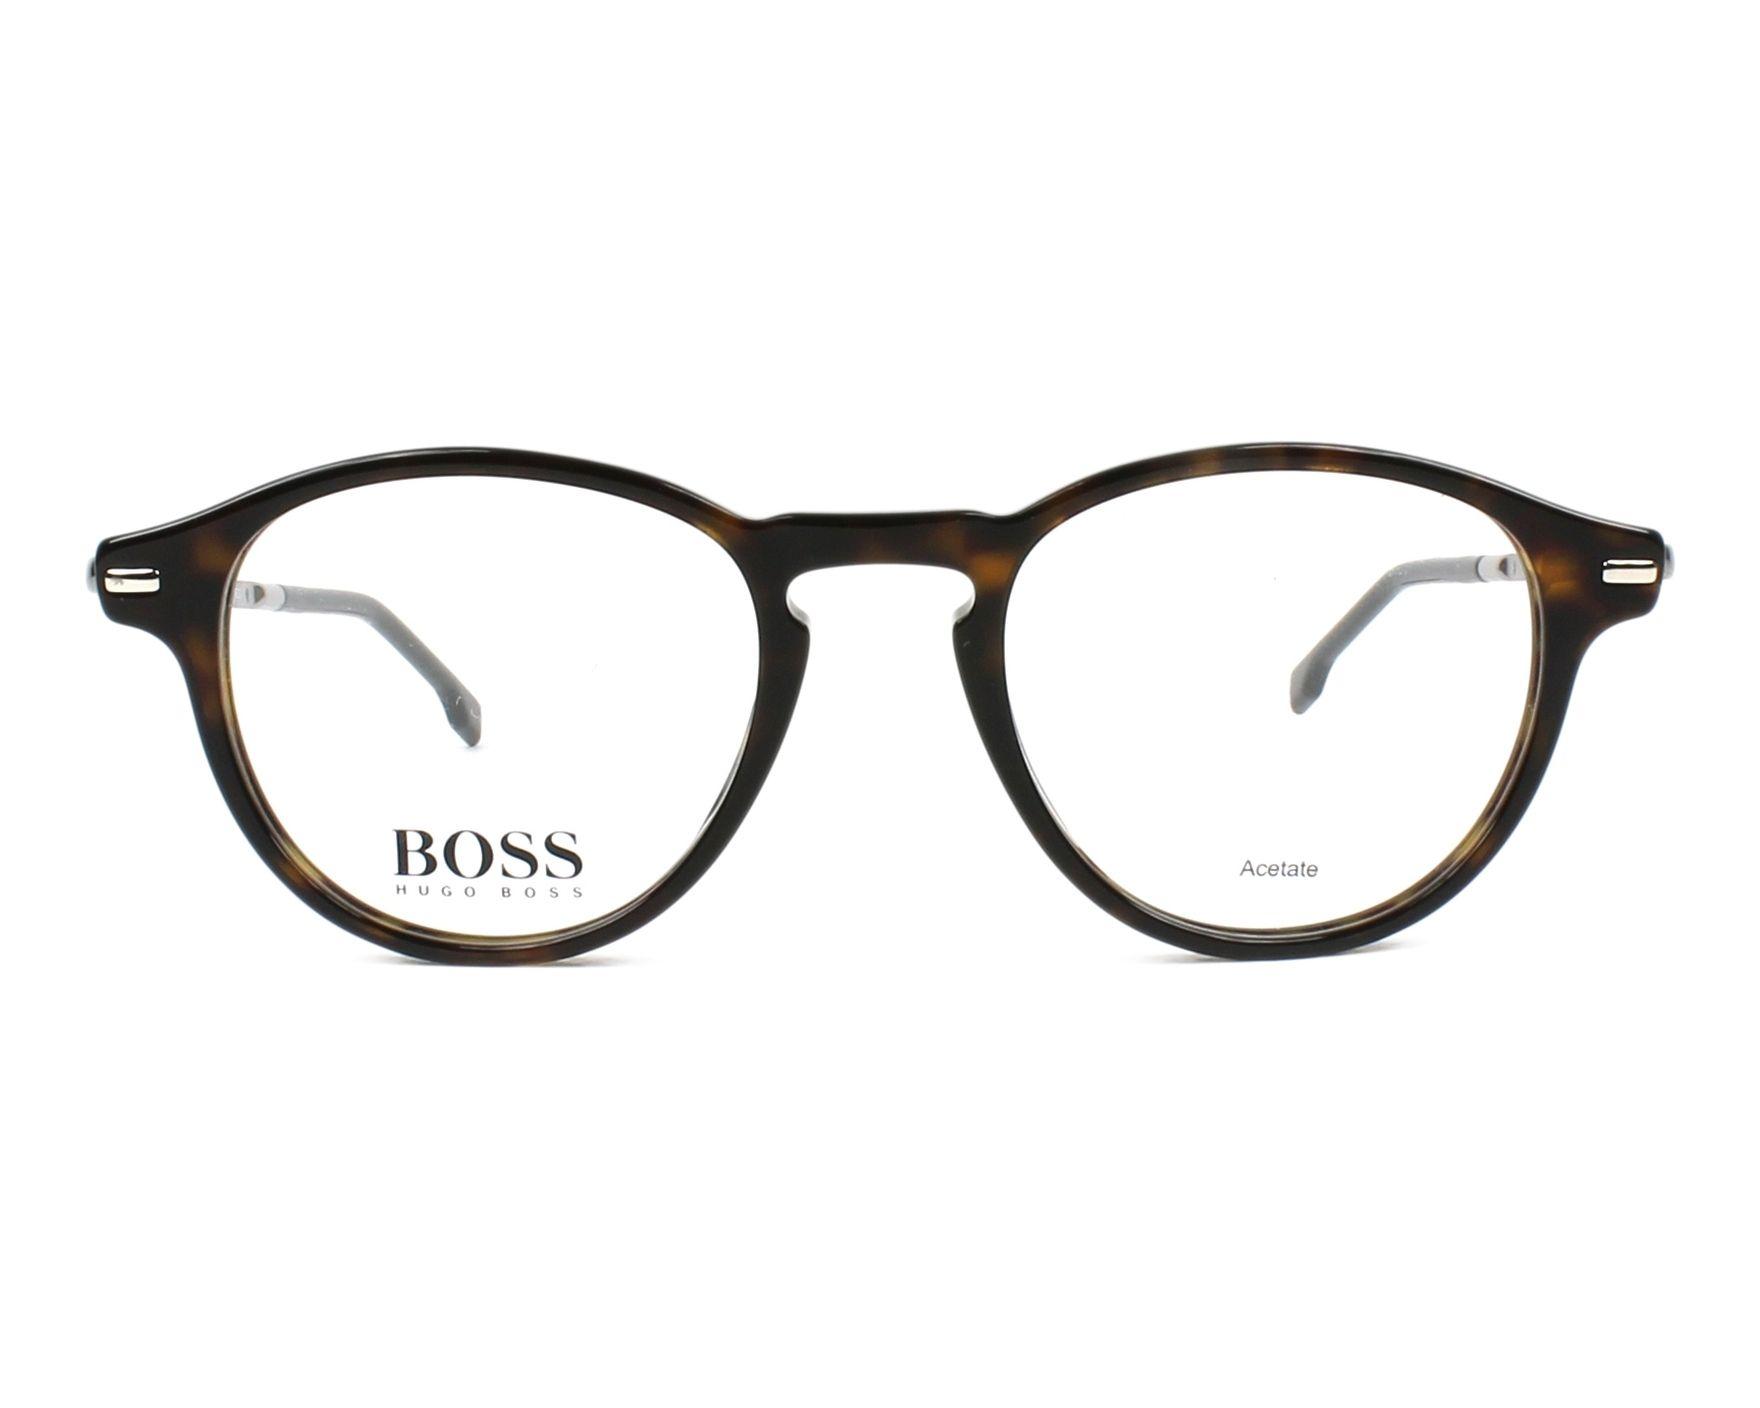 bfee0c44ad4 Lunettes de vue Hugo Boss BOSS-0932 086 48-20 Havane Argent vue de